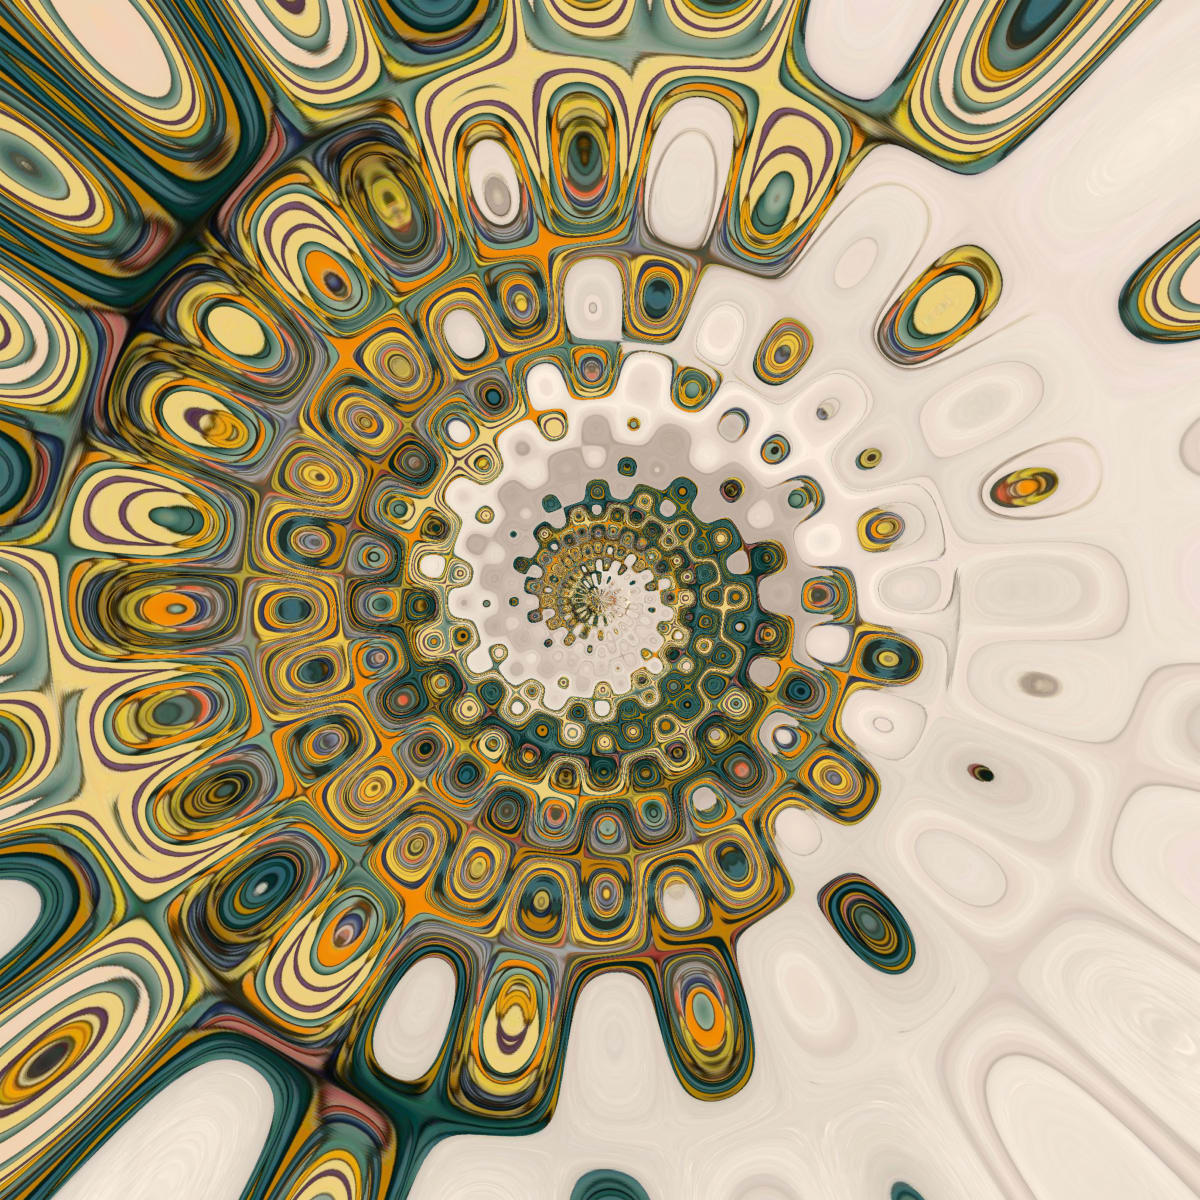 Kaleidoscope 1 by Y. Hope Osborn